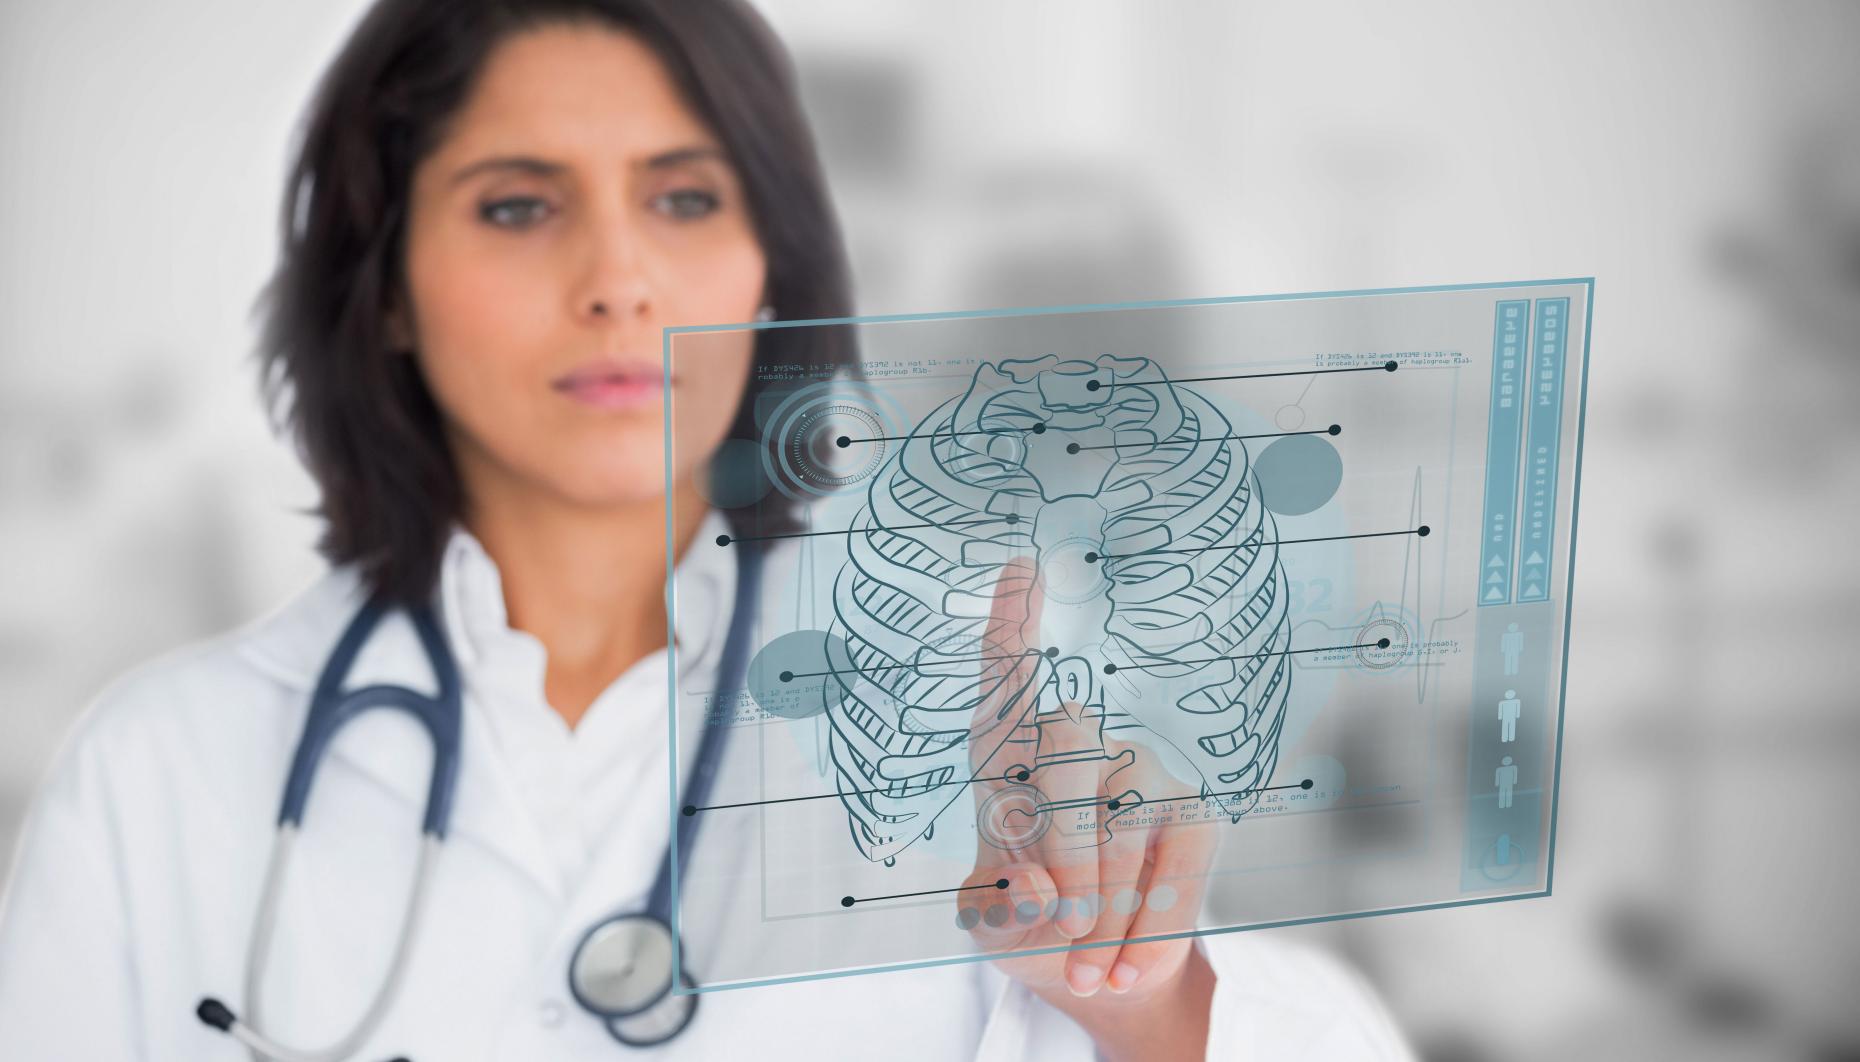 Medizin studieren an der eth eth z rich for Medizin studieren schweiz